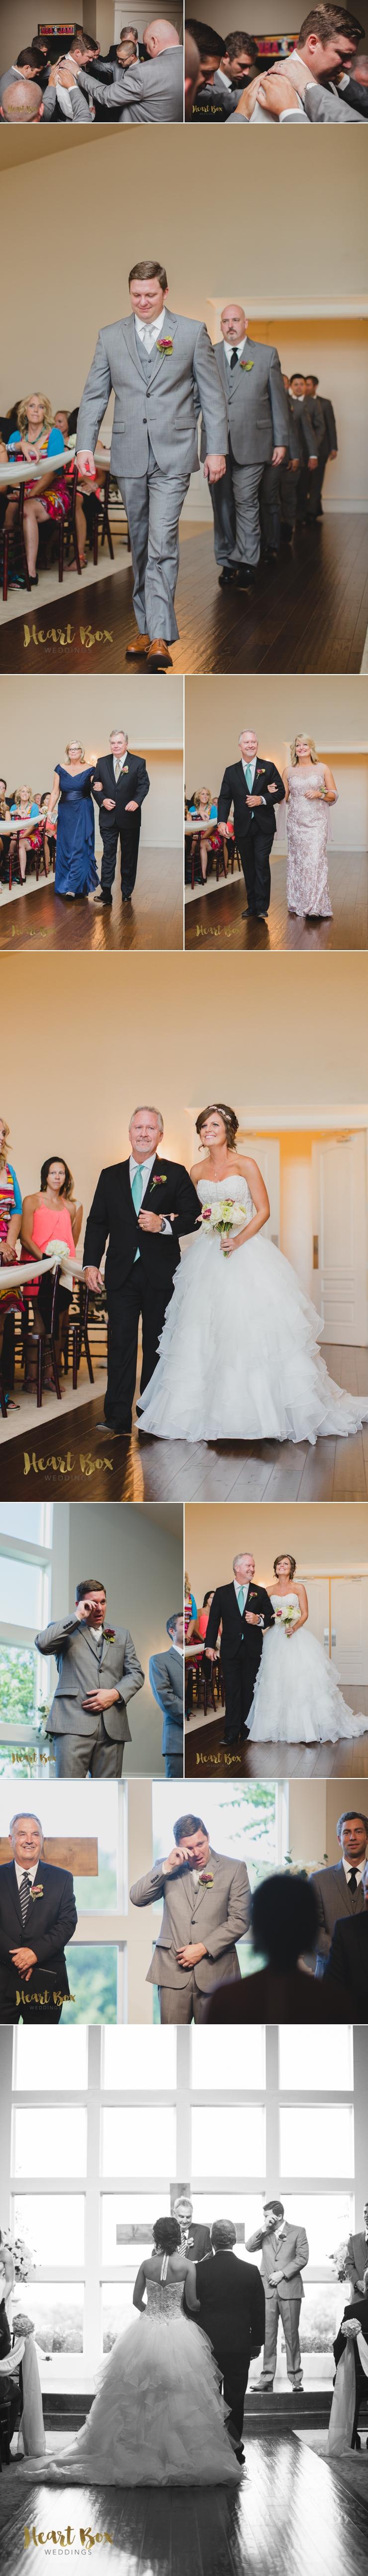 Wishon Wedding Blog Collages 10.jpg